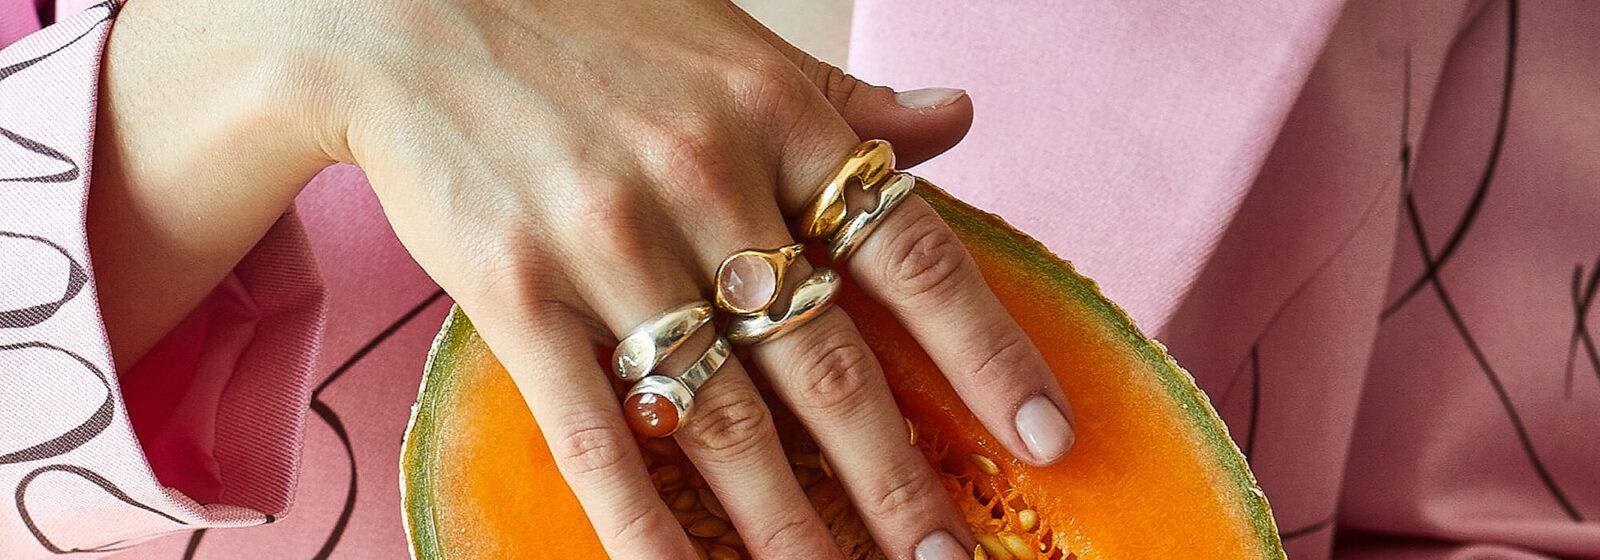 modnie i wygodnie od Max Mara biżuteria Maar